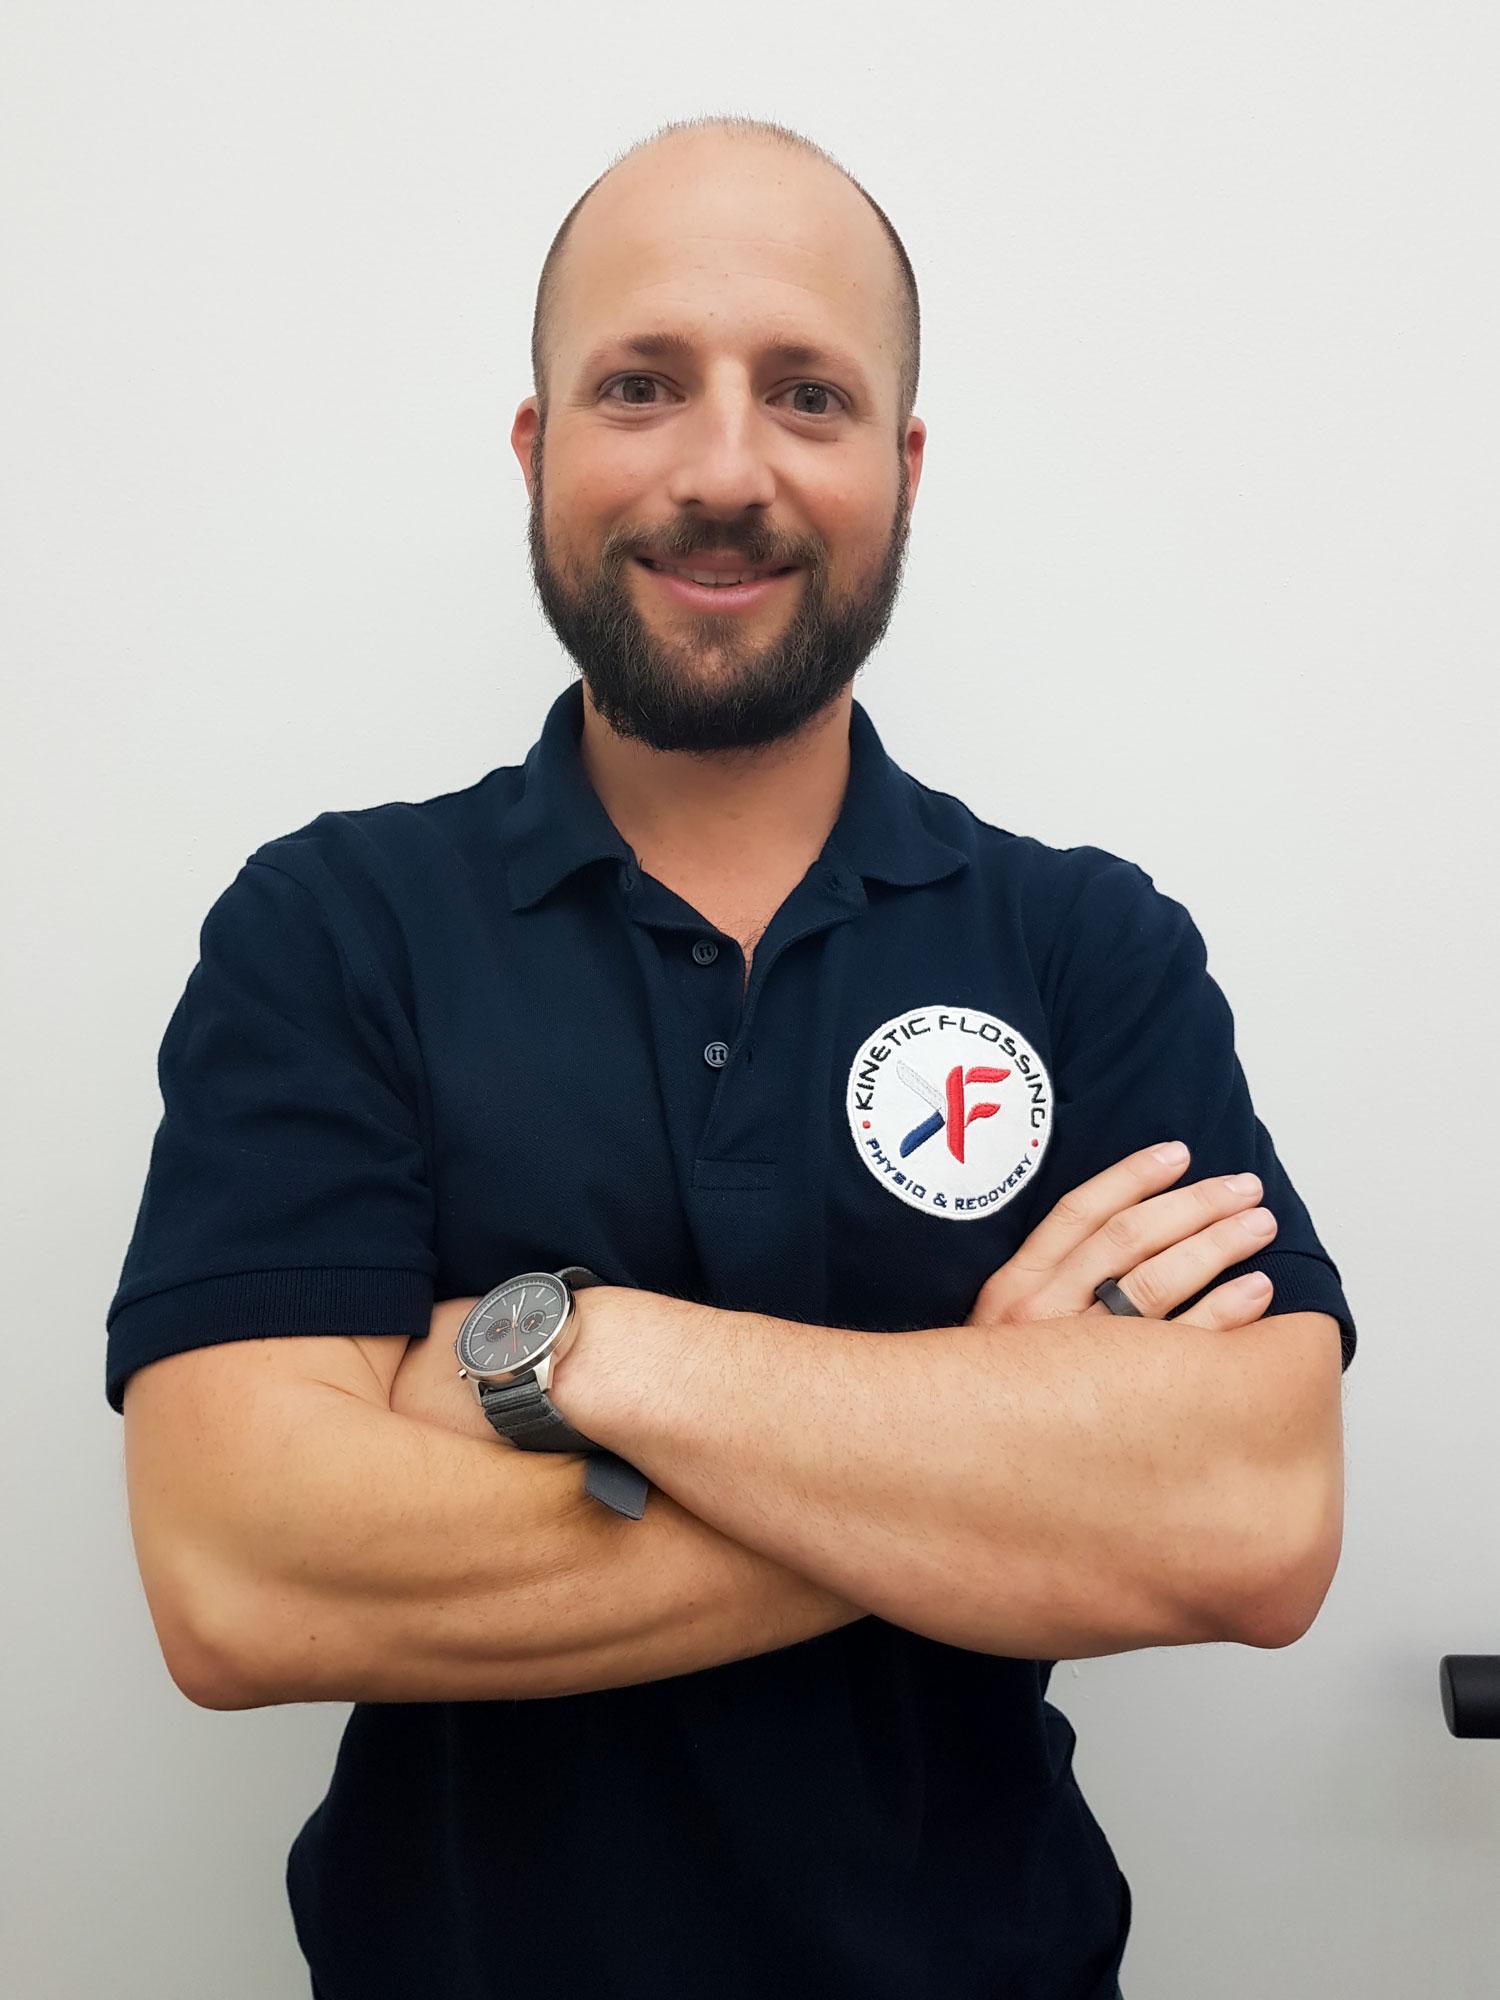 kinetic-flossing-corsi-fisioterapisti-mcb-personal-trainer-scienze-motorie-italia-